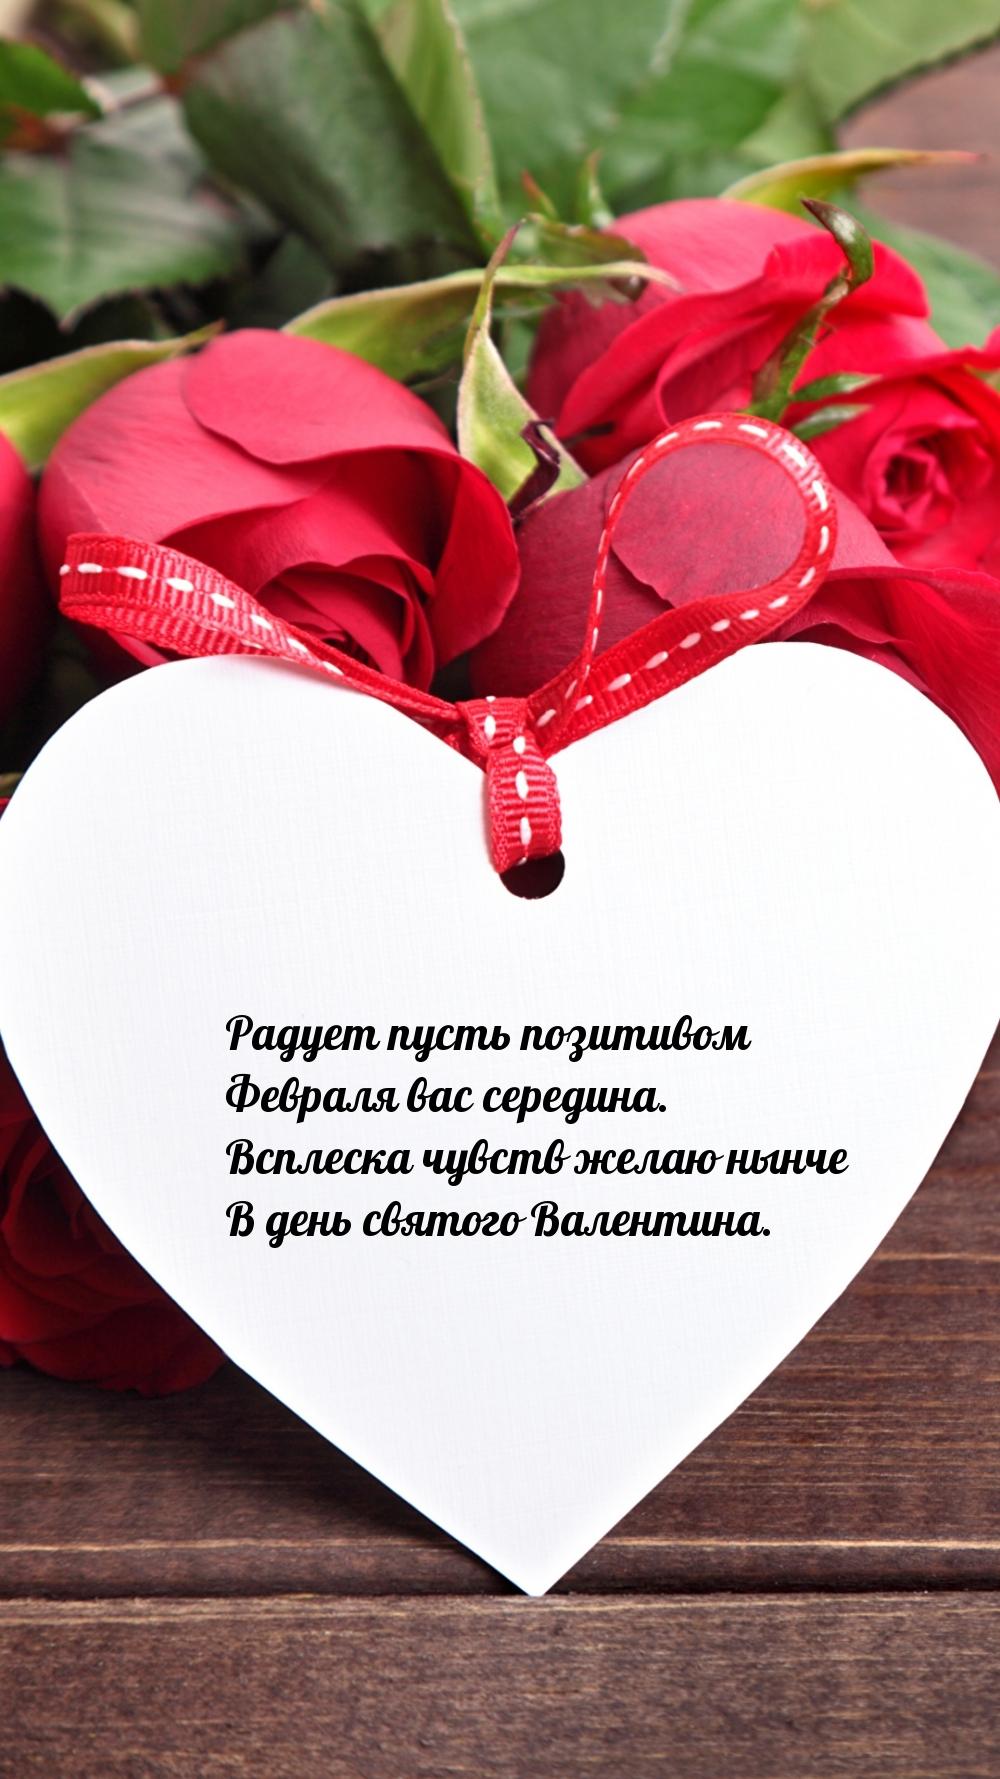 Всплеска чувств желаю В день святого Валентина